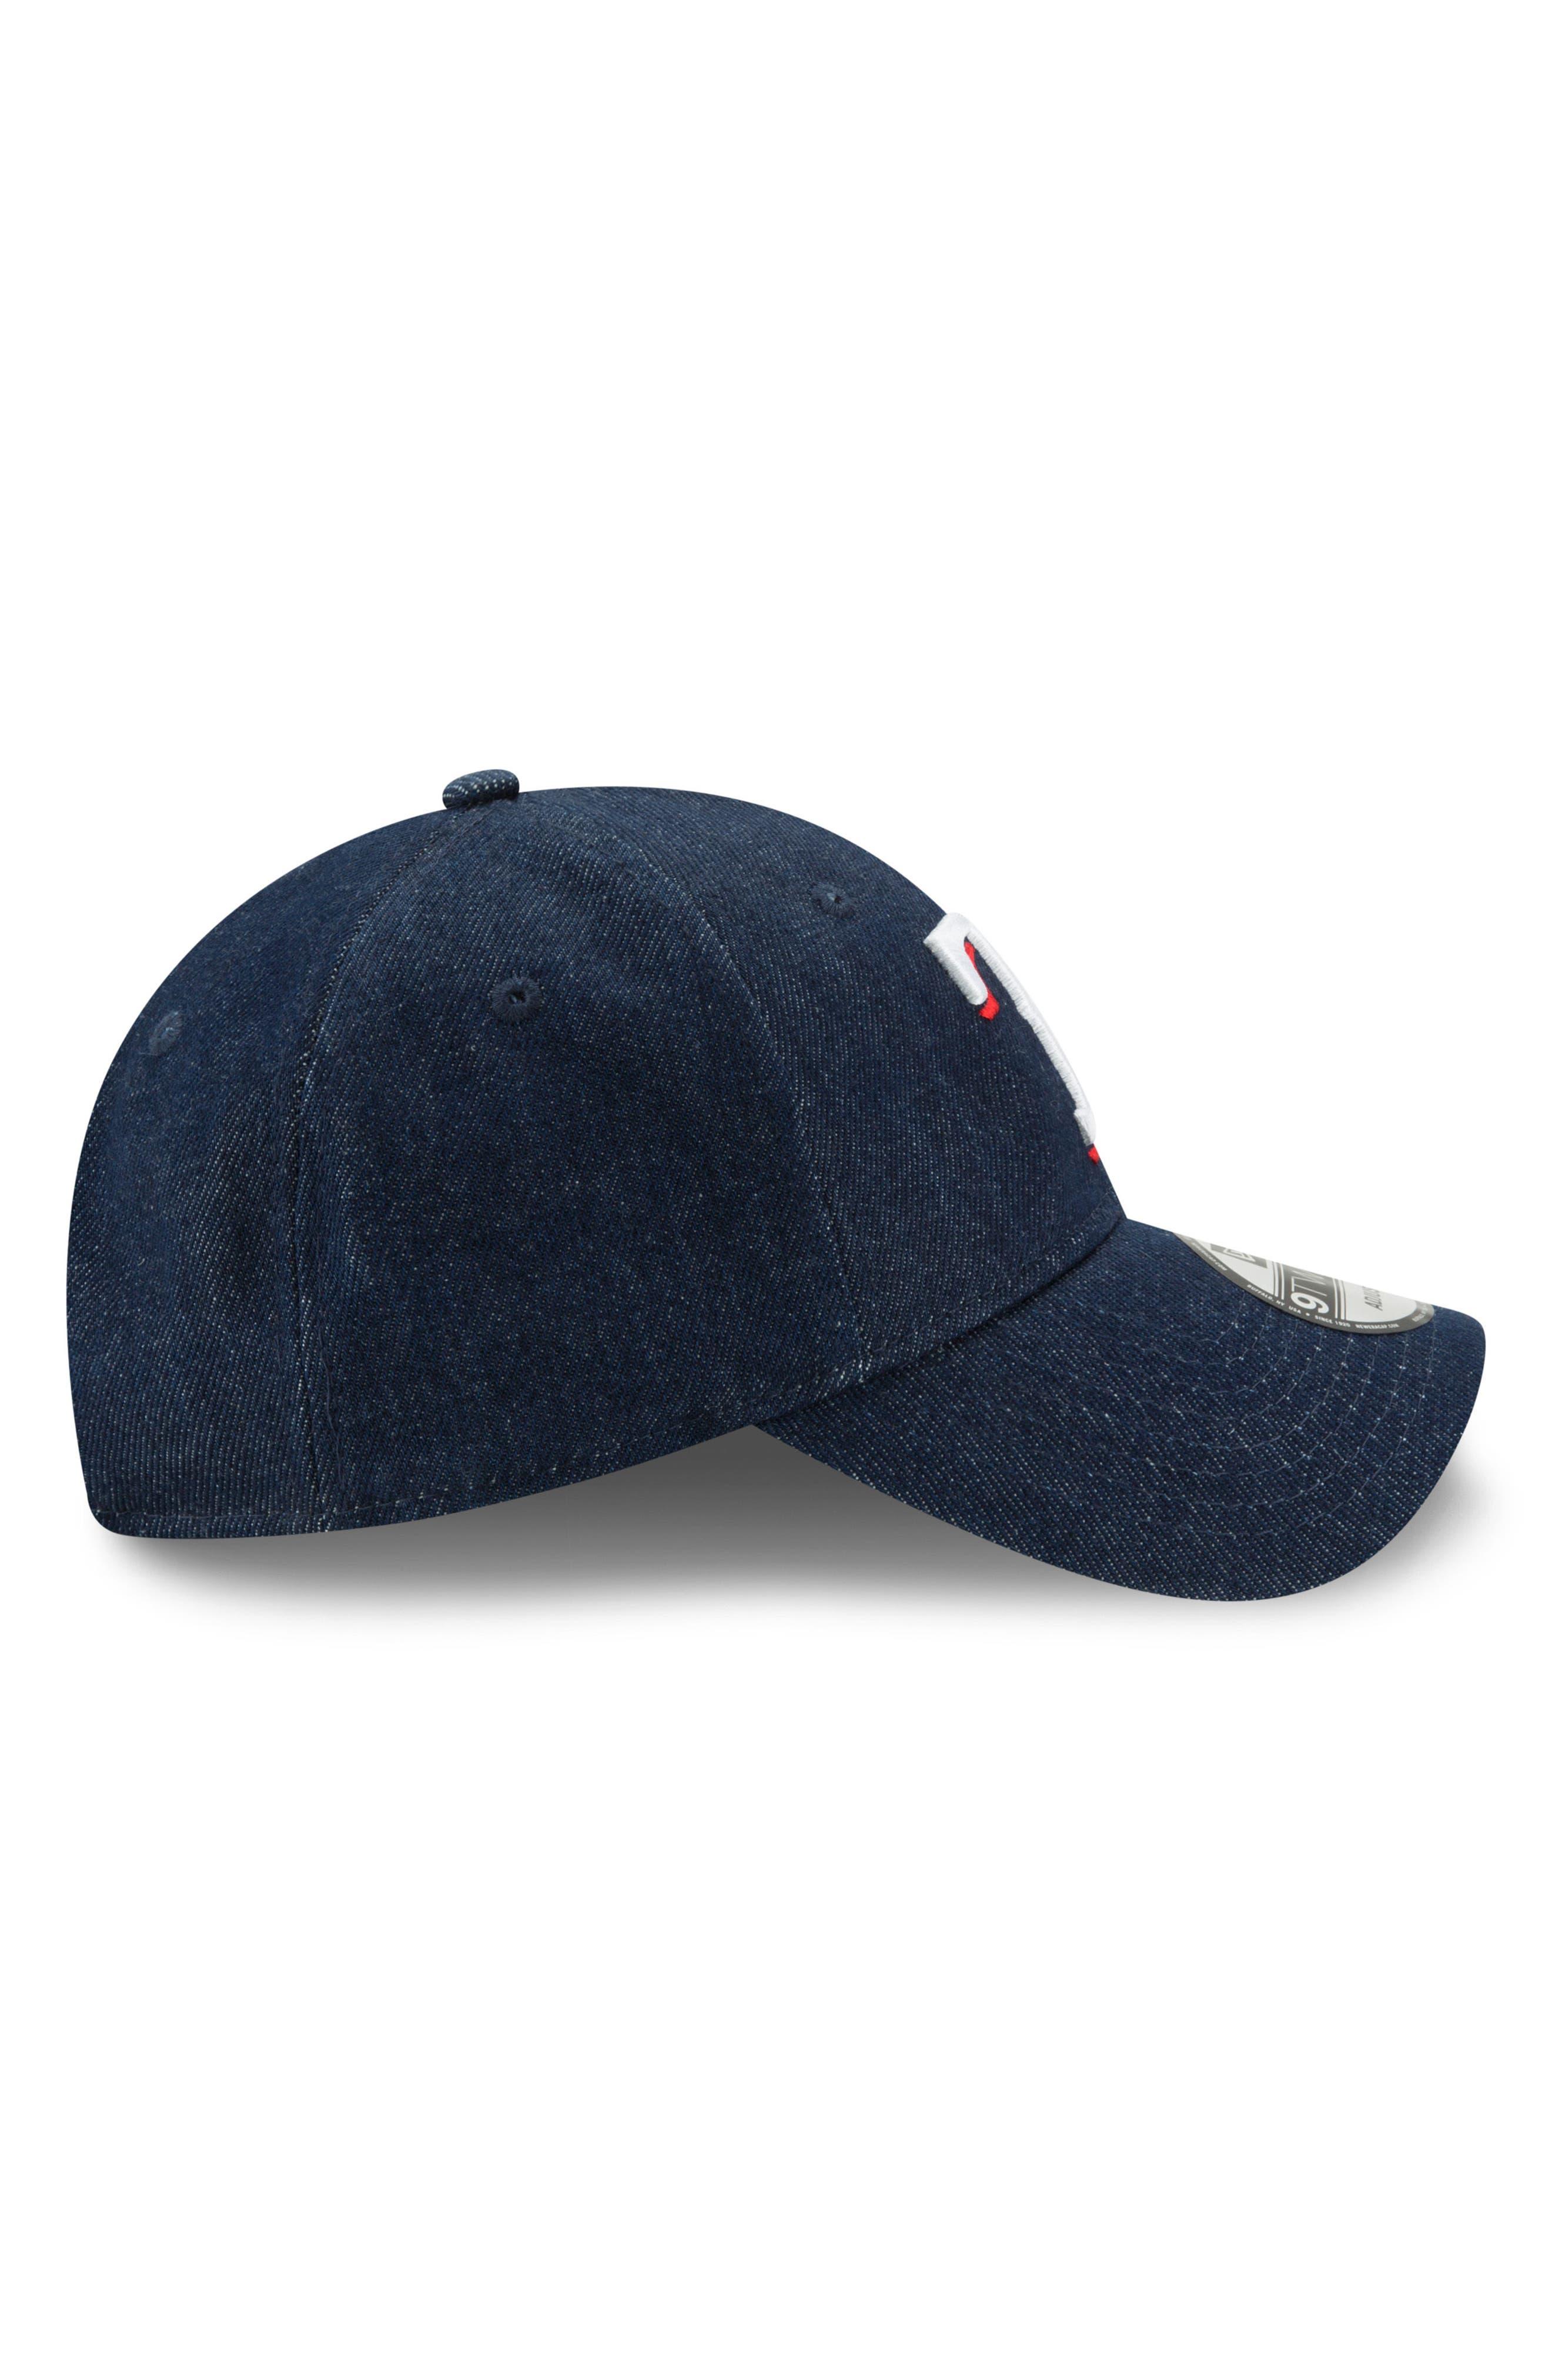 x Levi's<sup>®</sup> MLB17 Denim Baseball Cap,                             Alternate thumbnail 3, color,                             001